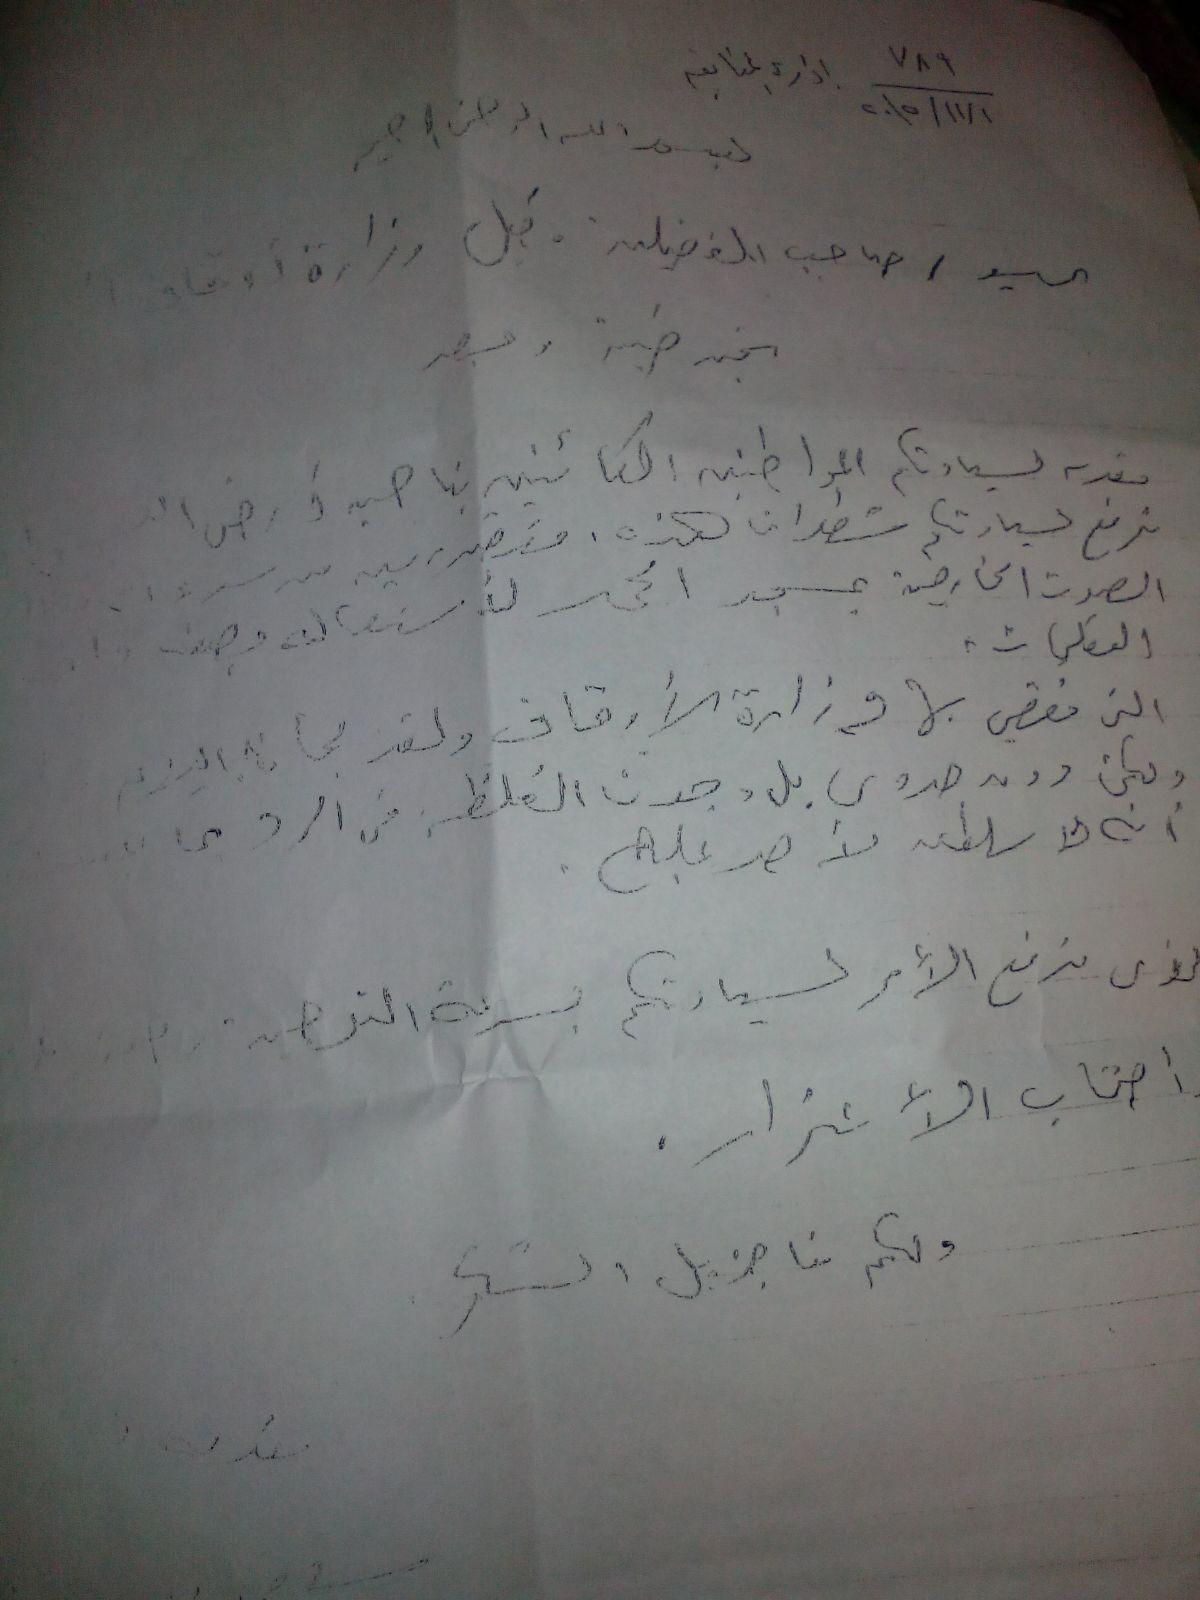 الأوقاف لم تستجب.. مواطن يشكو سوء استخدام ميكروفون أحد مساجد «أرض اللواء»